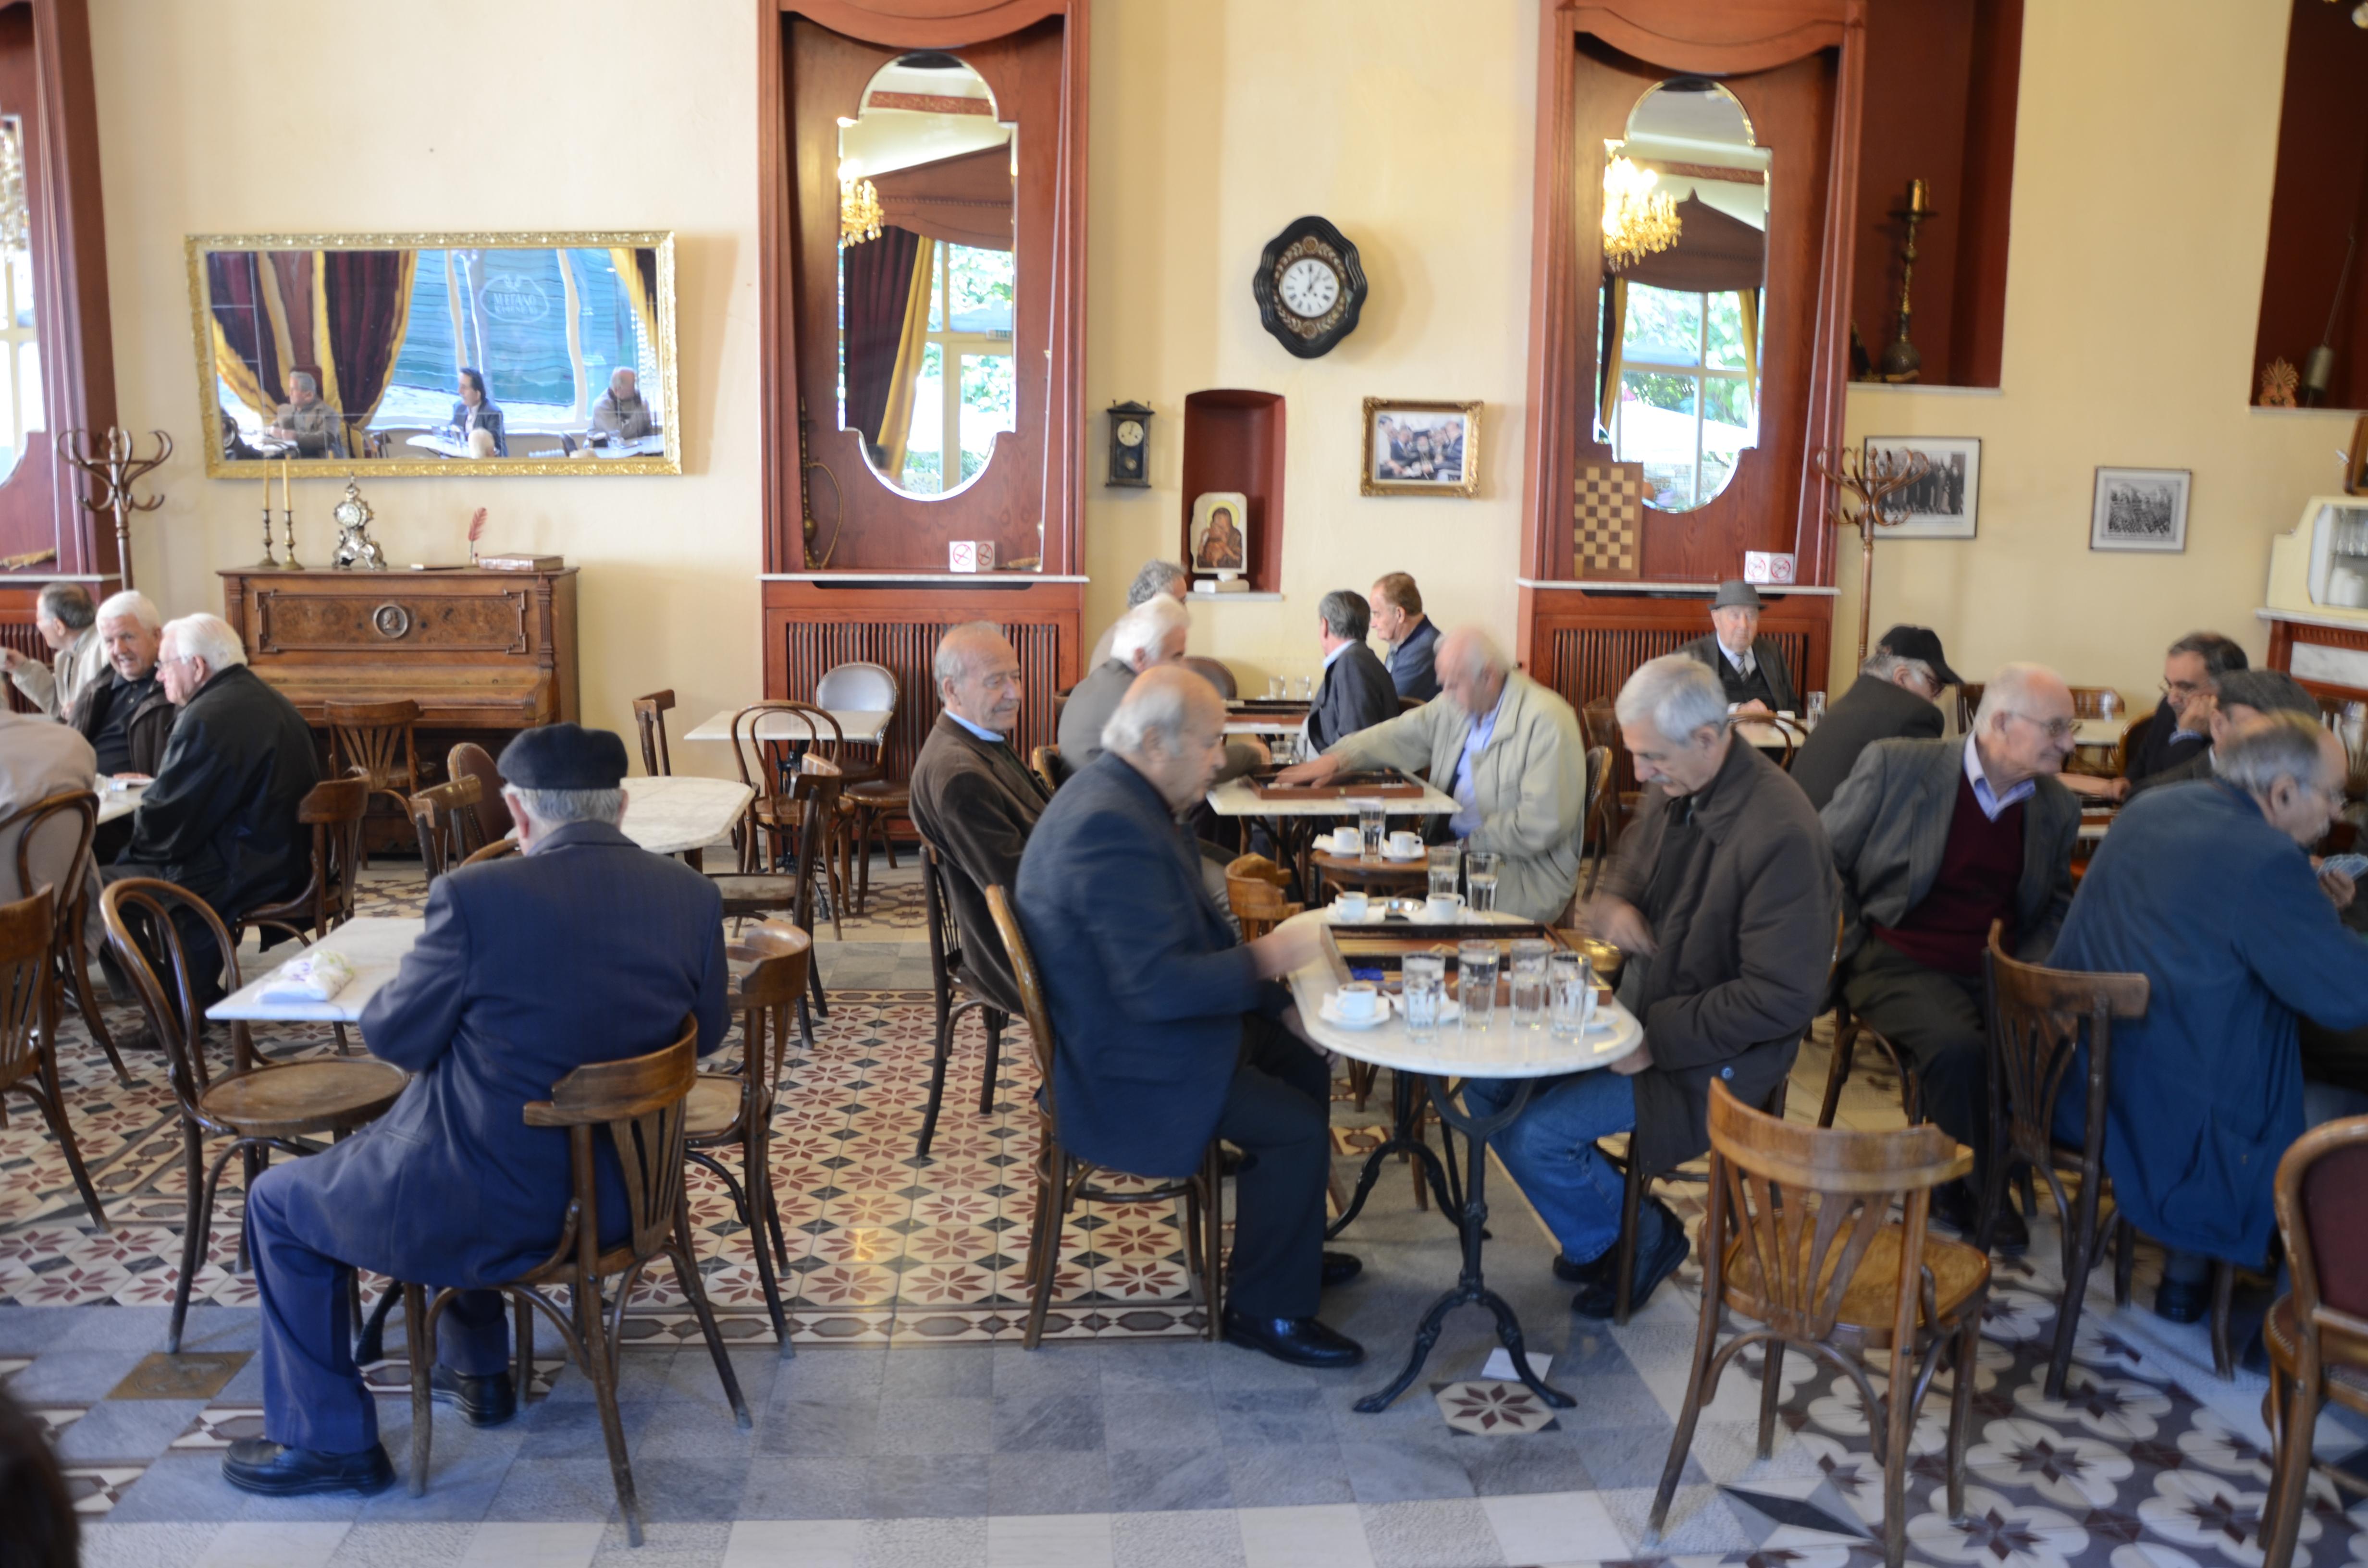 caffe-mentire-grecia-kafenion